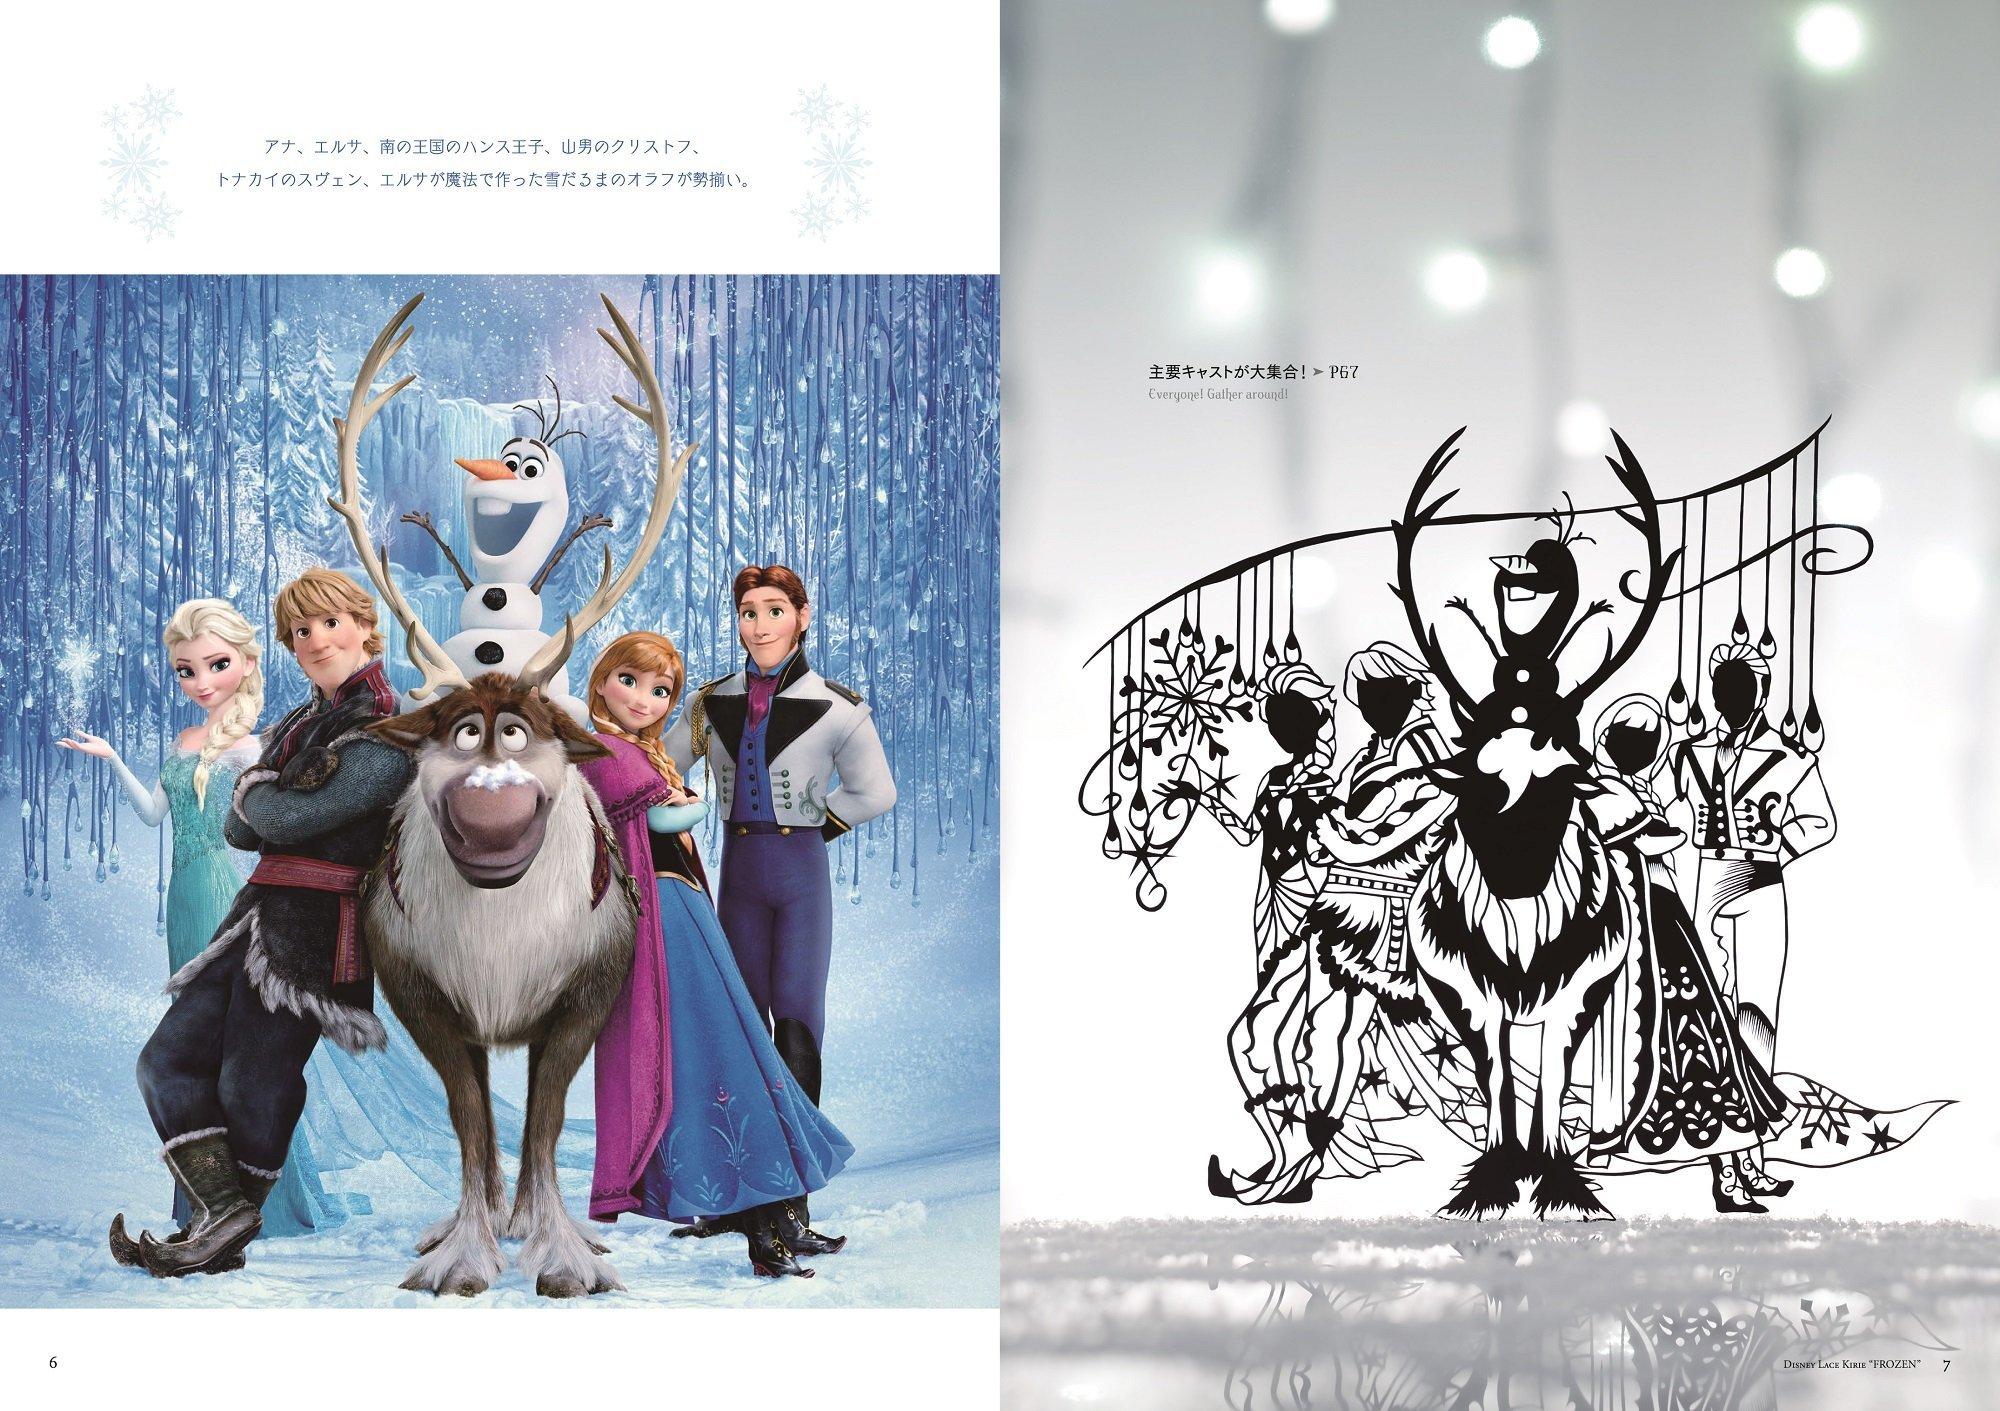 ディズニー レース切り絵 アナと雪の女王 蒼山 日菜 本 通販 Amazon